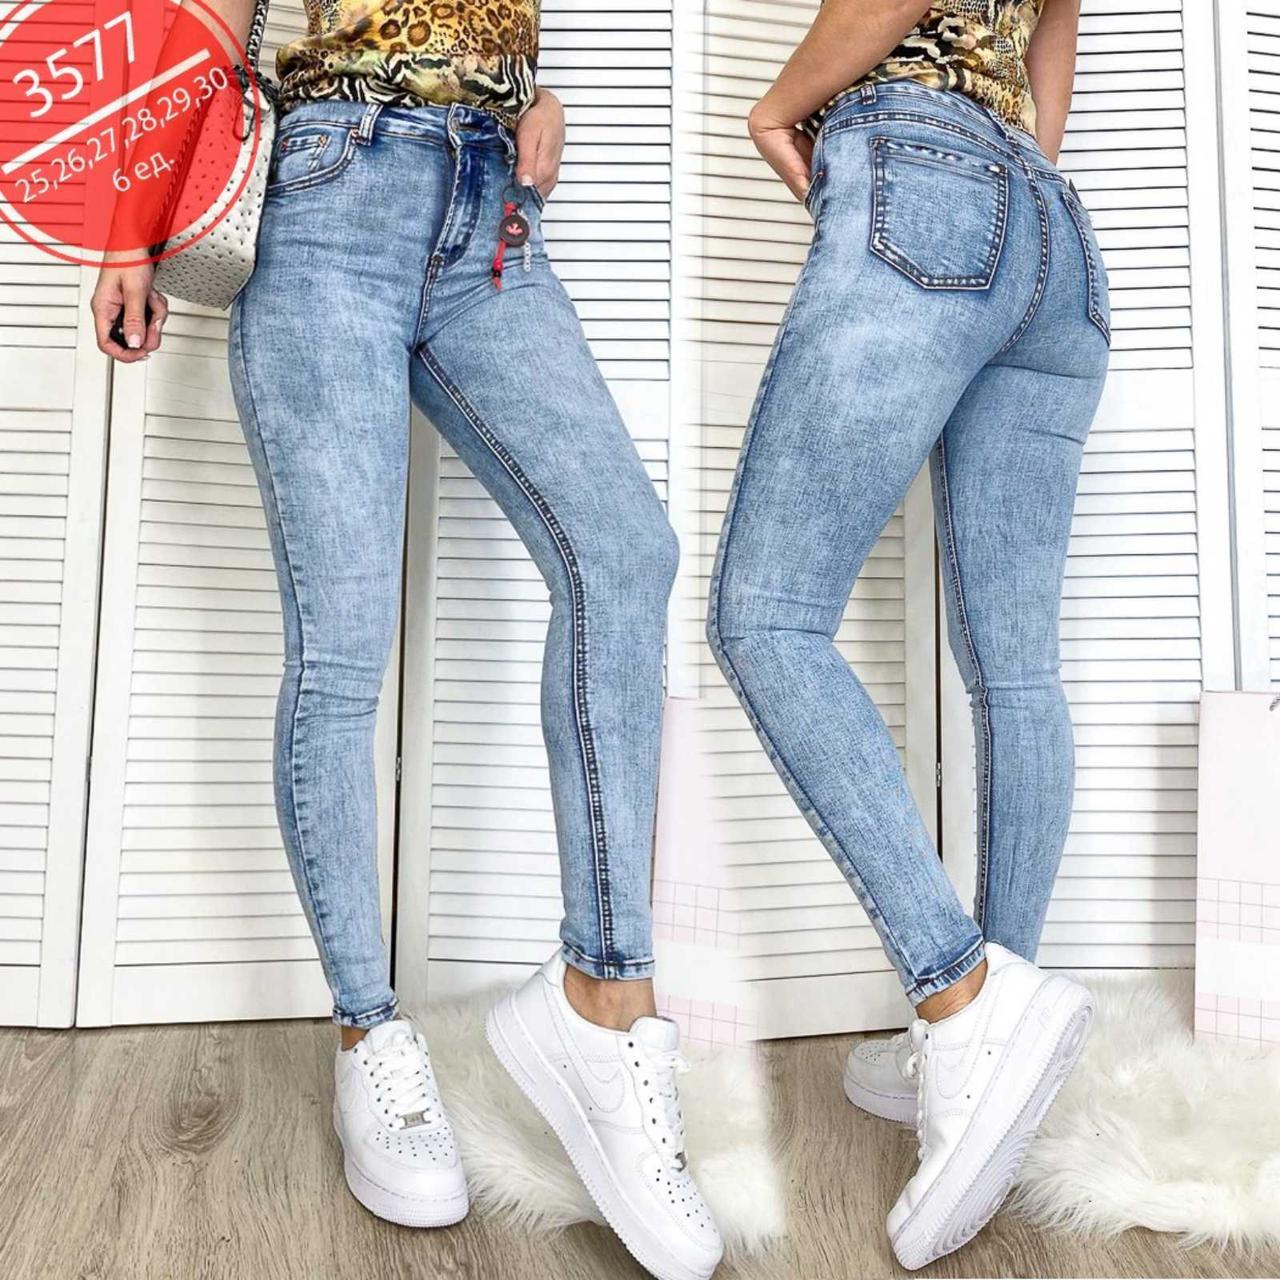 Стильные весенние джинсы с завышенной посадкой